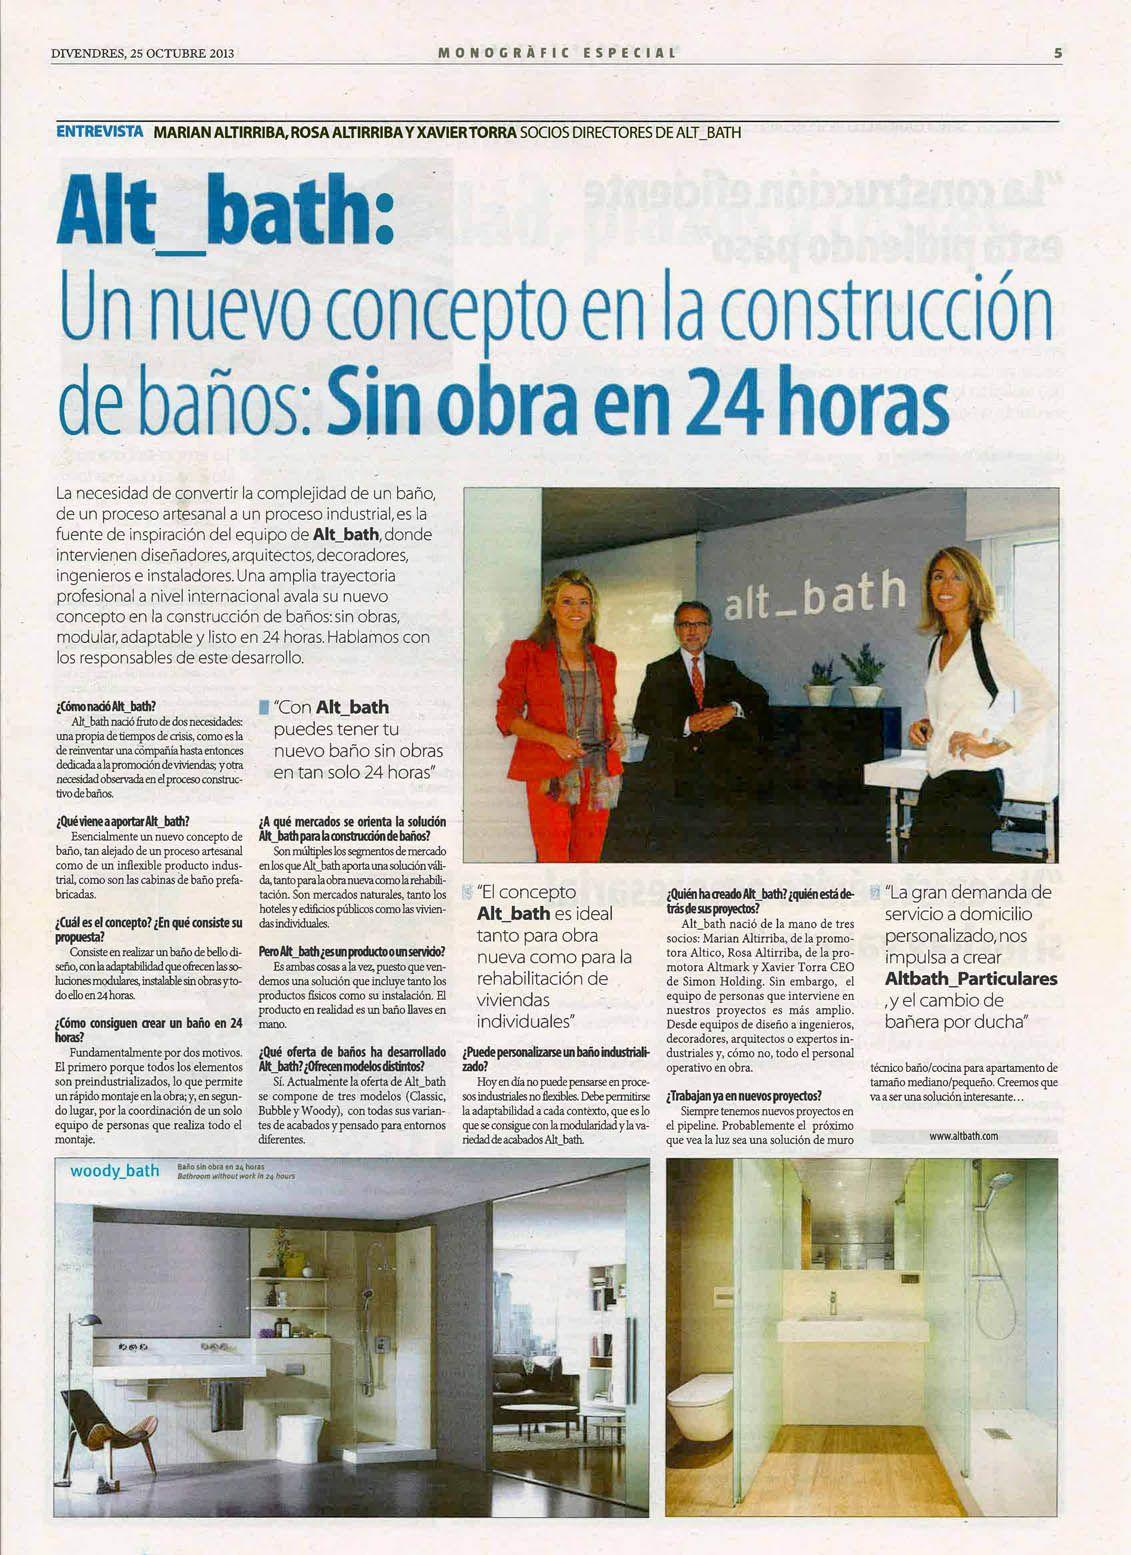 LA VANGUARDIA-MONOGRAFICOS | Prensa | Pinterest